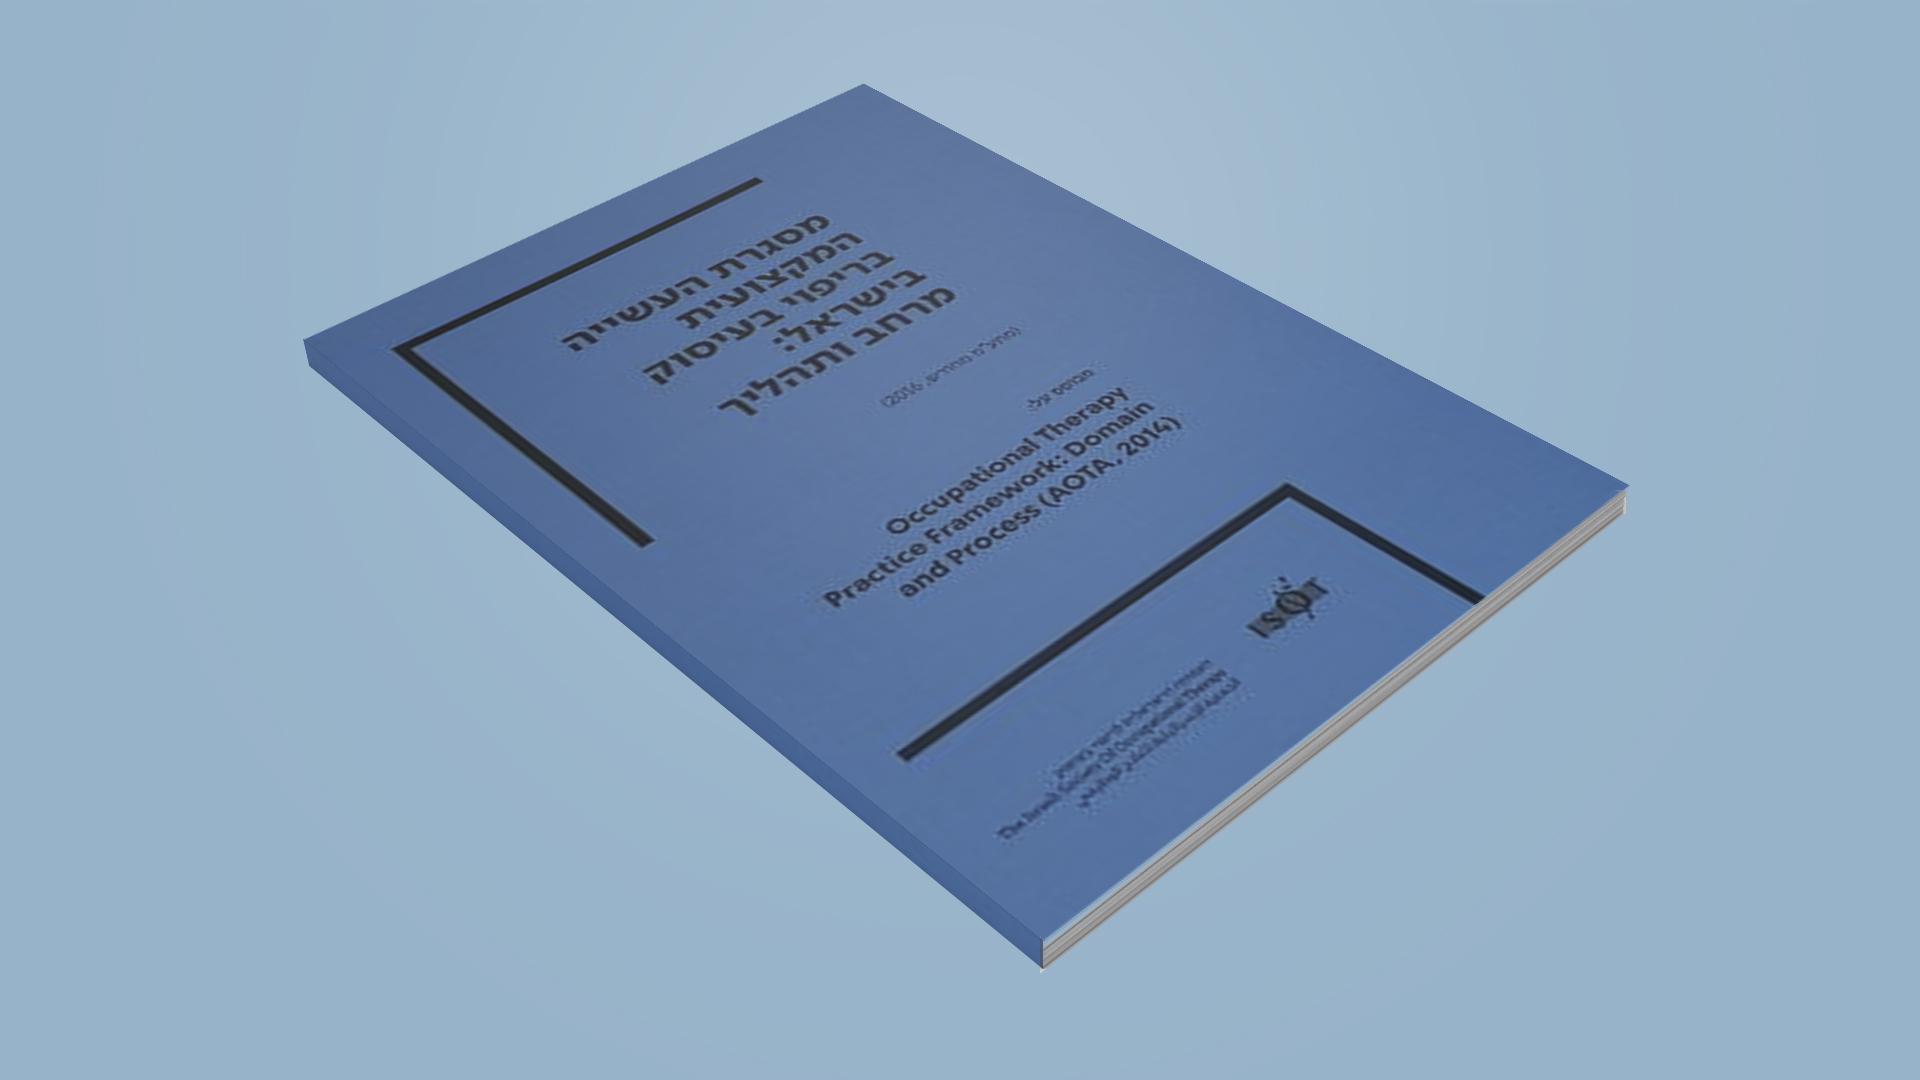 חוברת ידיעון כריכה רכה, 14 עמודי צבע והשאר שחור לב